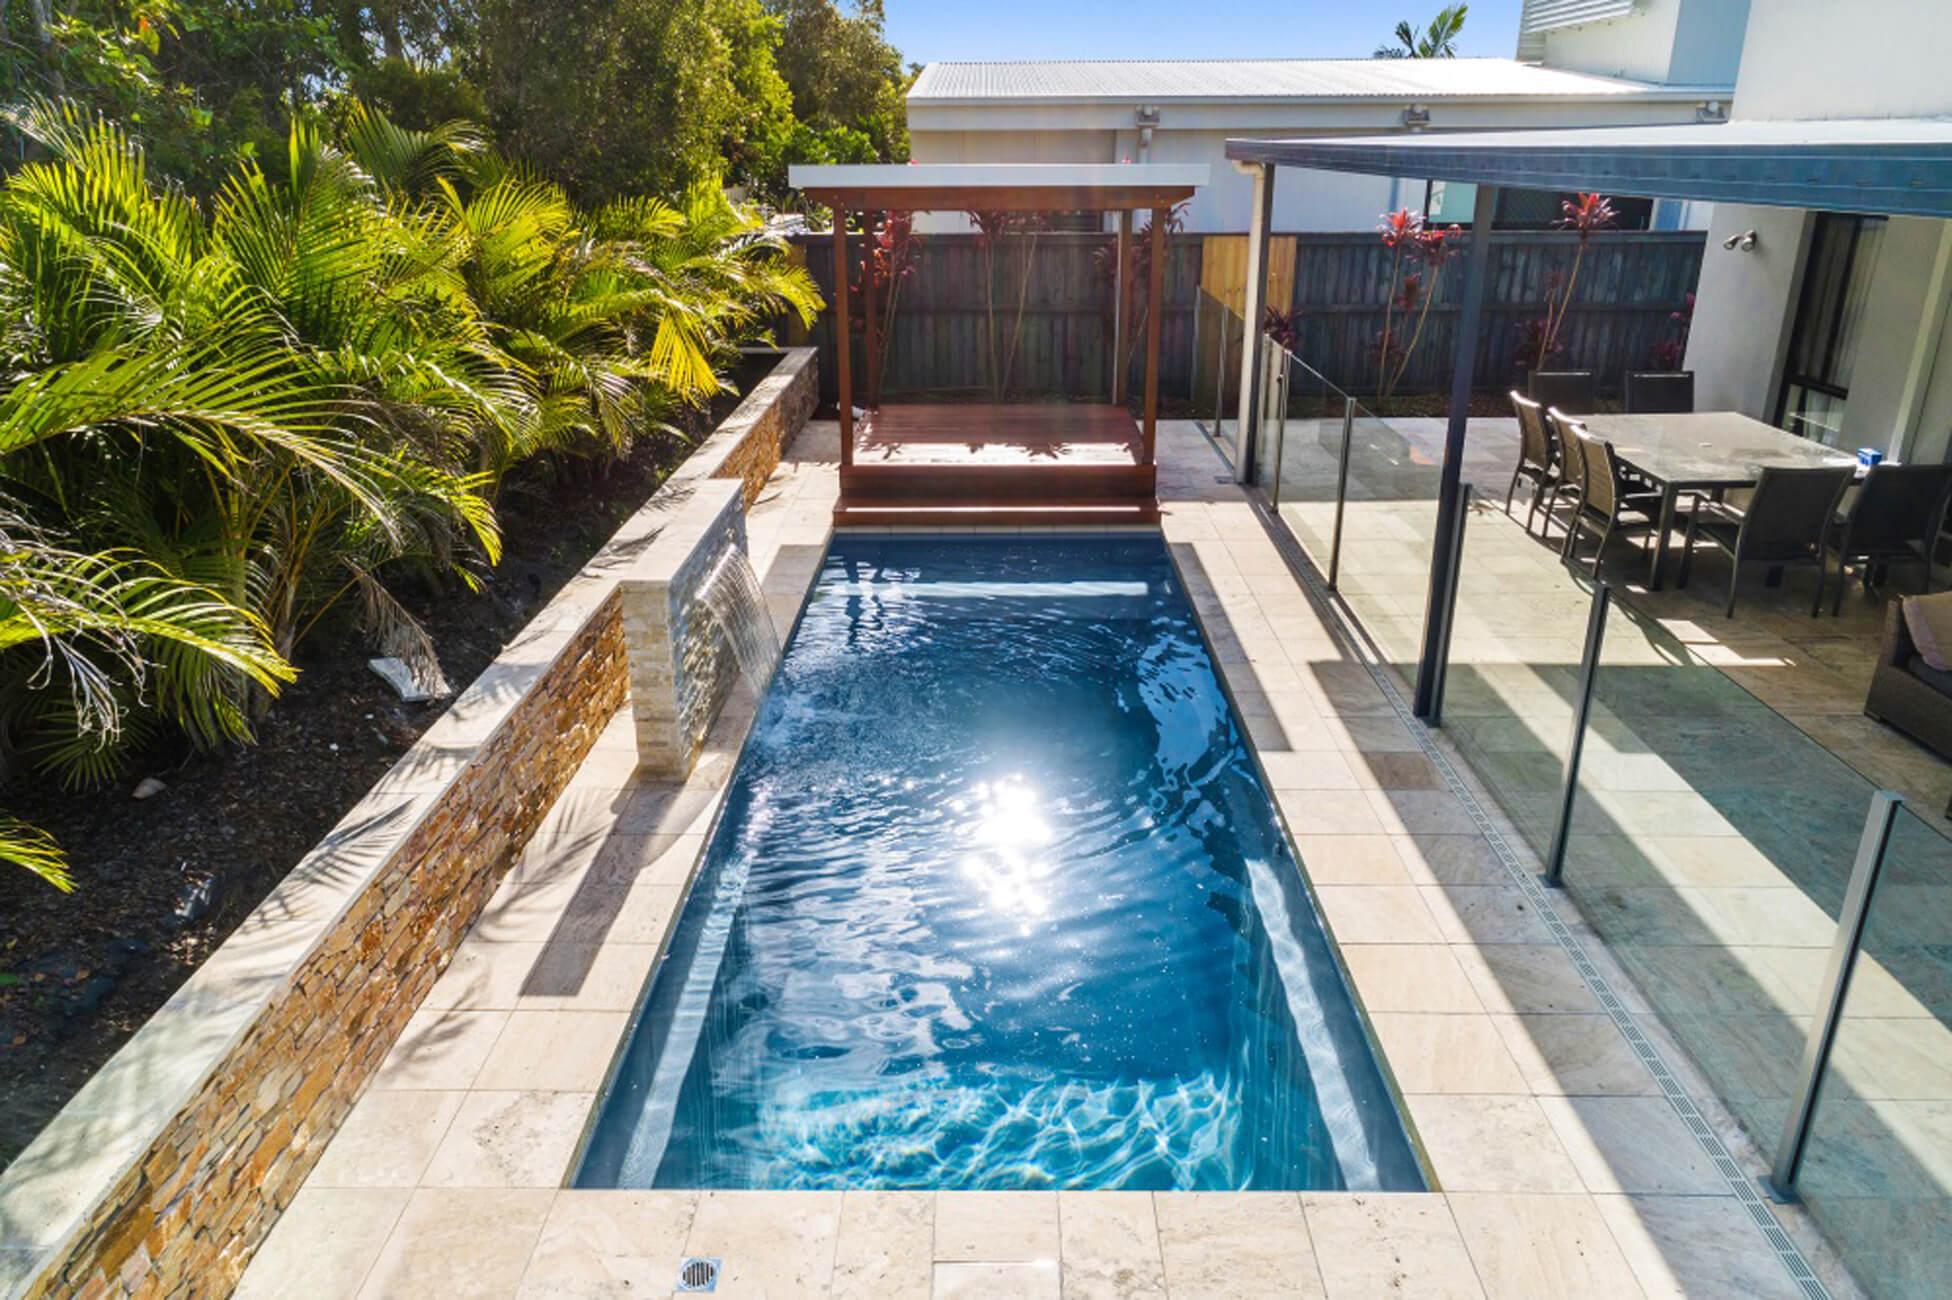 Nirvana 7 piscine creusée contemporaine fibre de verre de Narellan gris quartz - Ladouceur